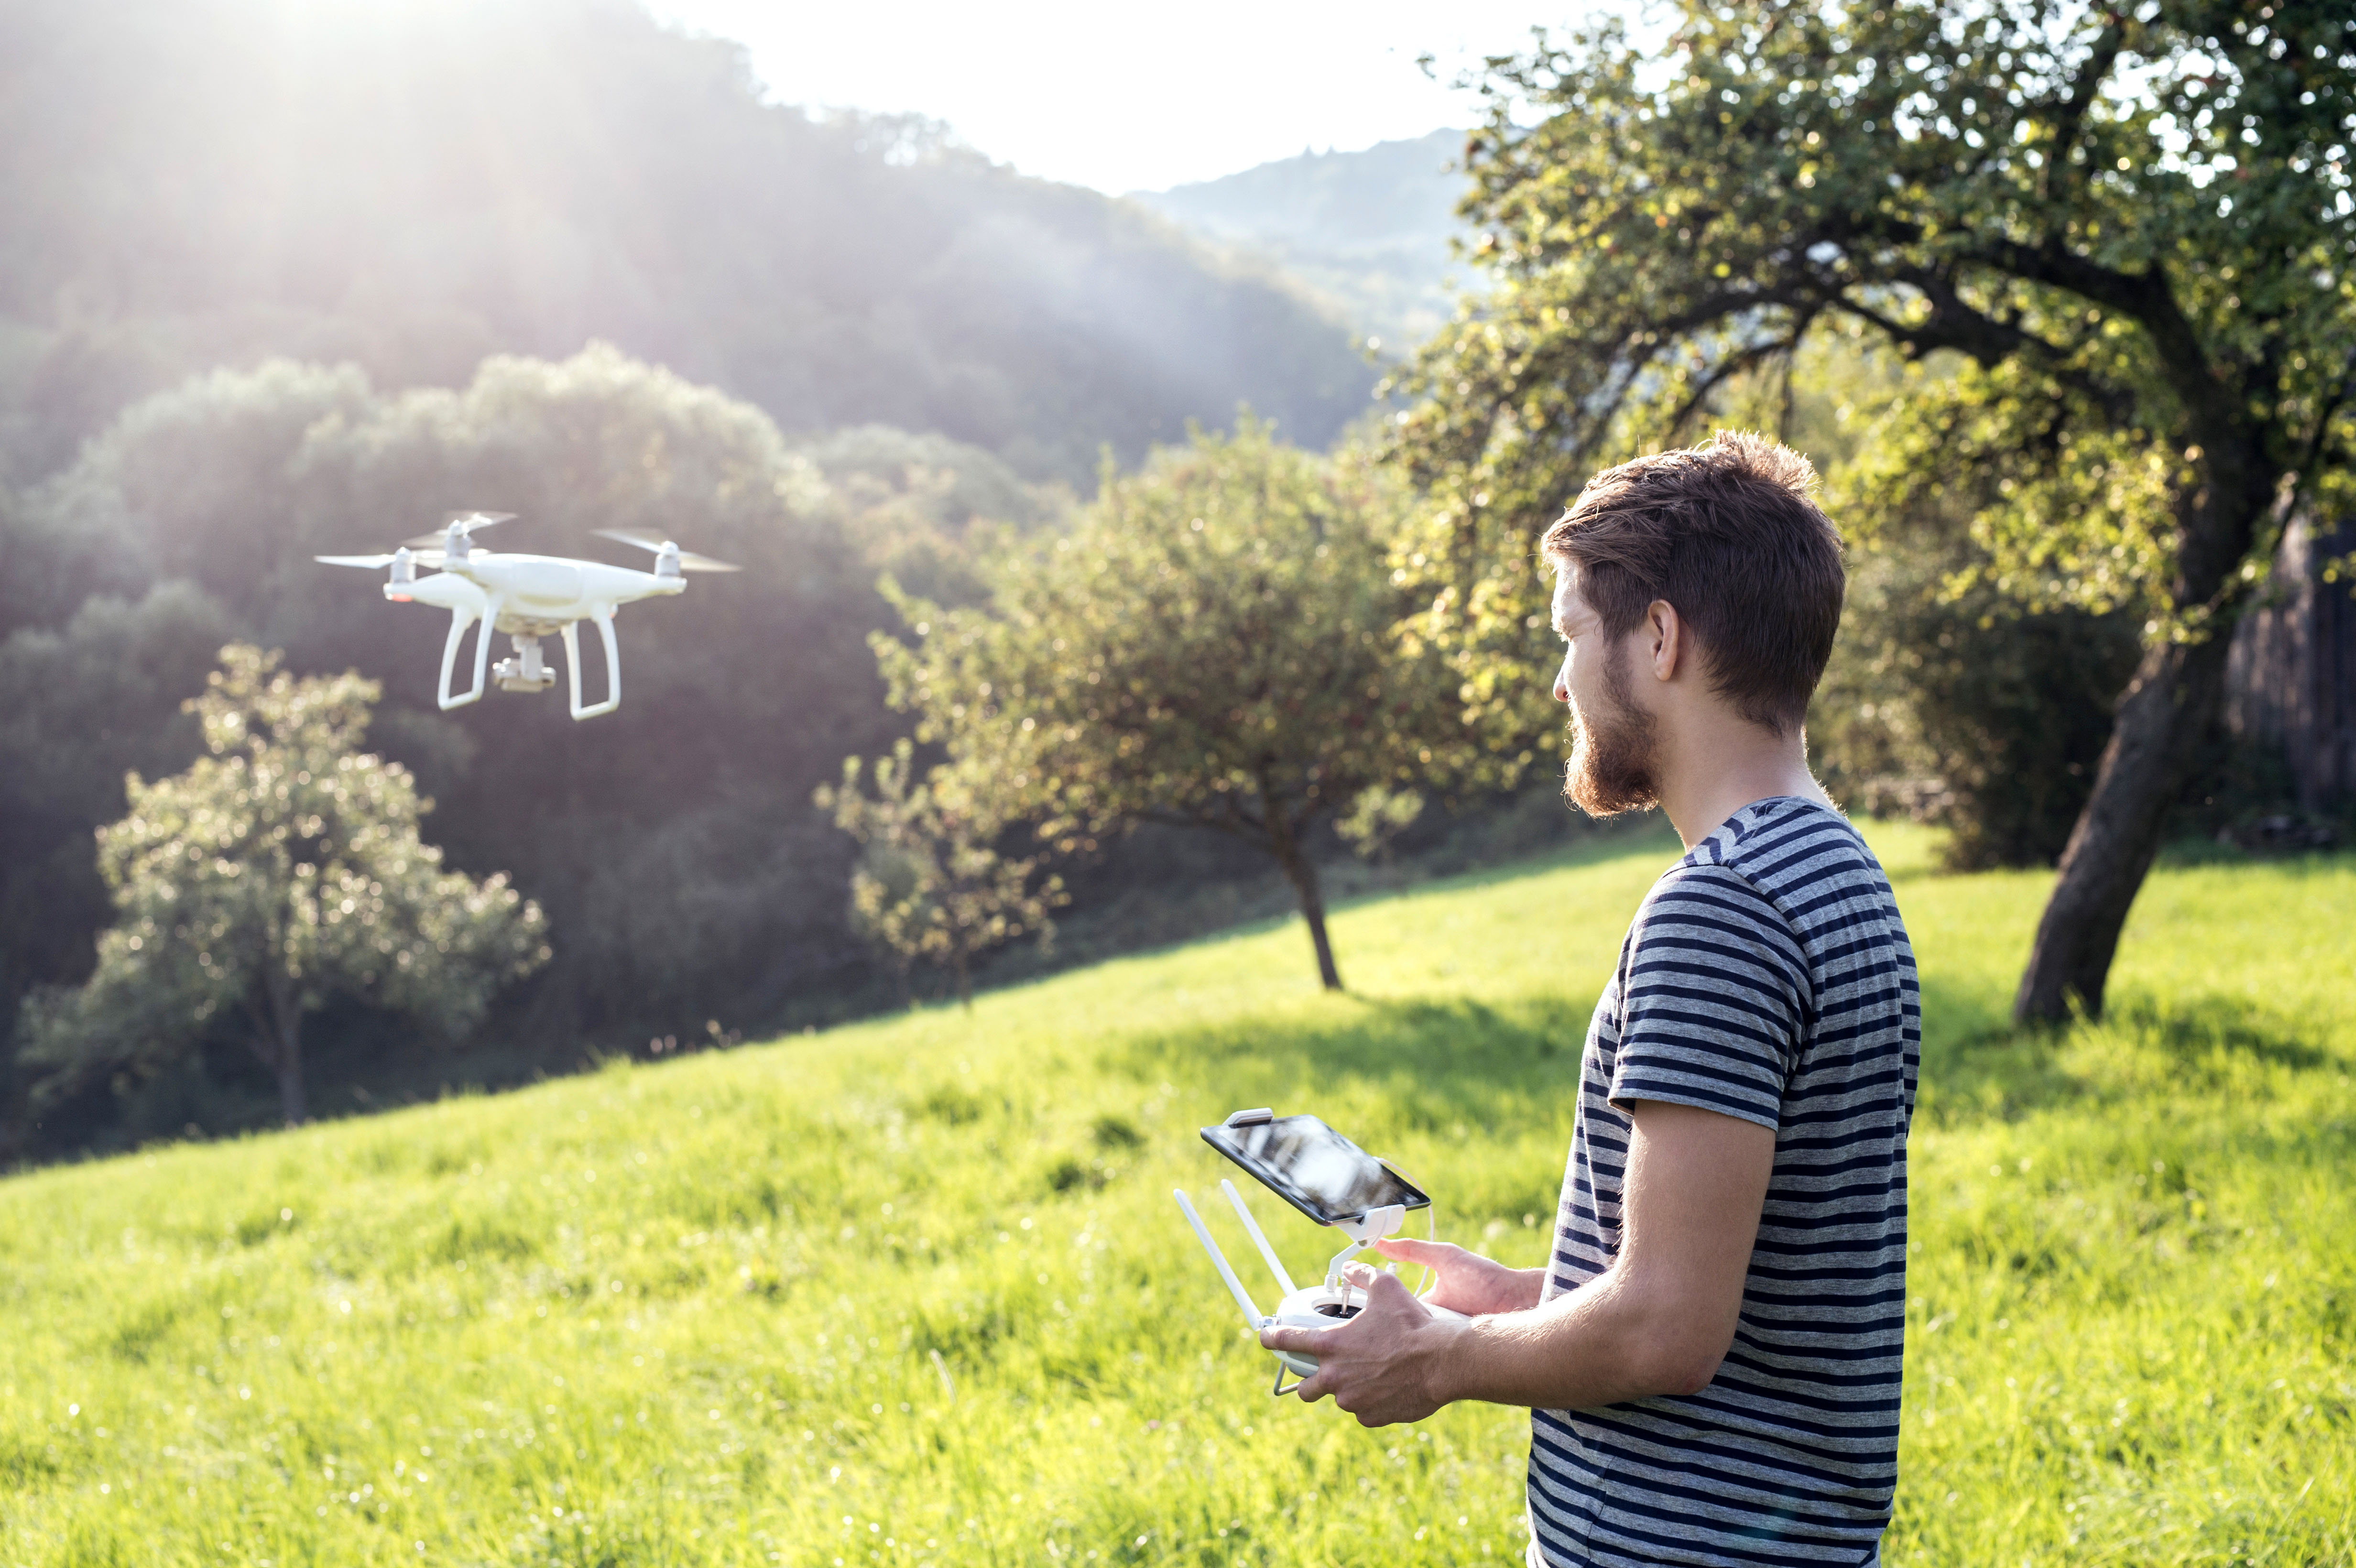 Drohnen bergen auch Gefahren